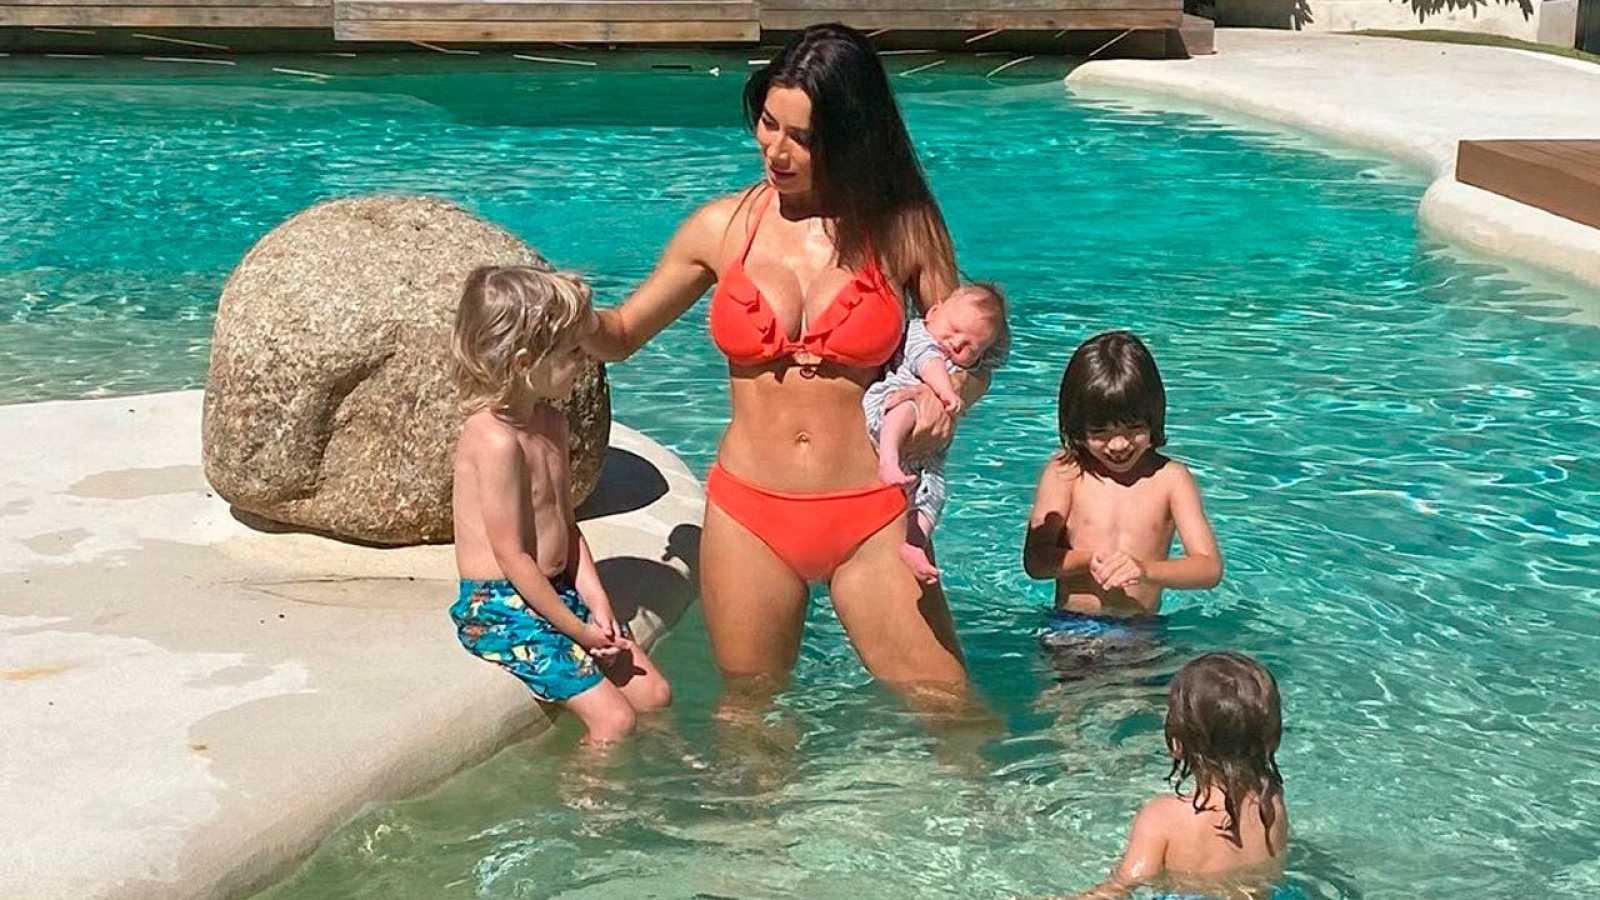 La imagen más veraniega de Pilar Rubio con sus cuatro hijos en la piscina